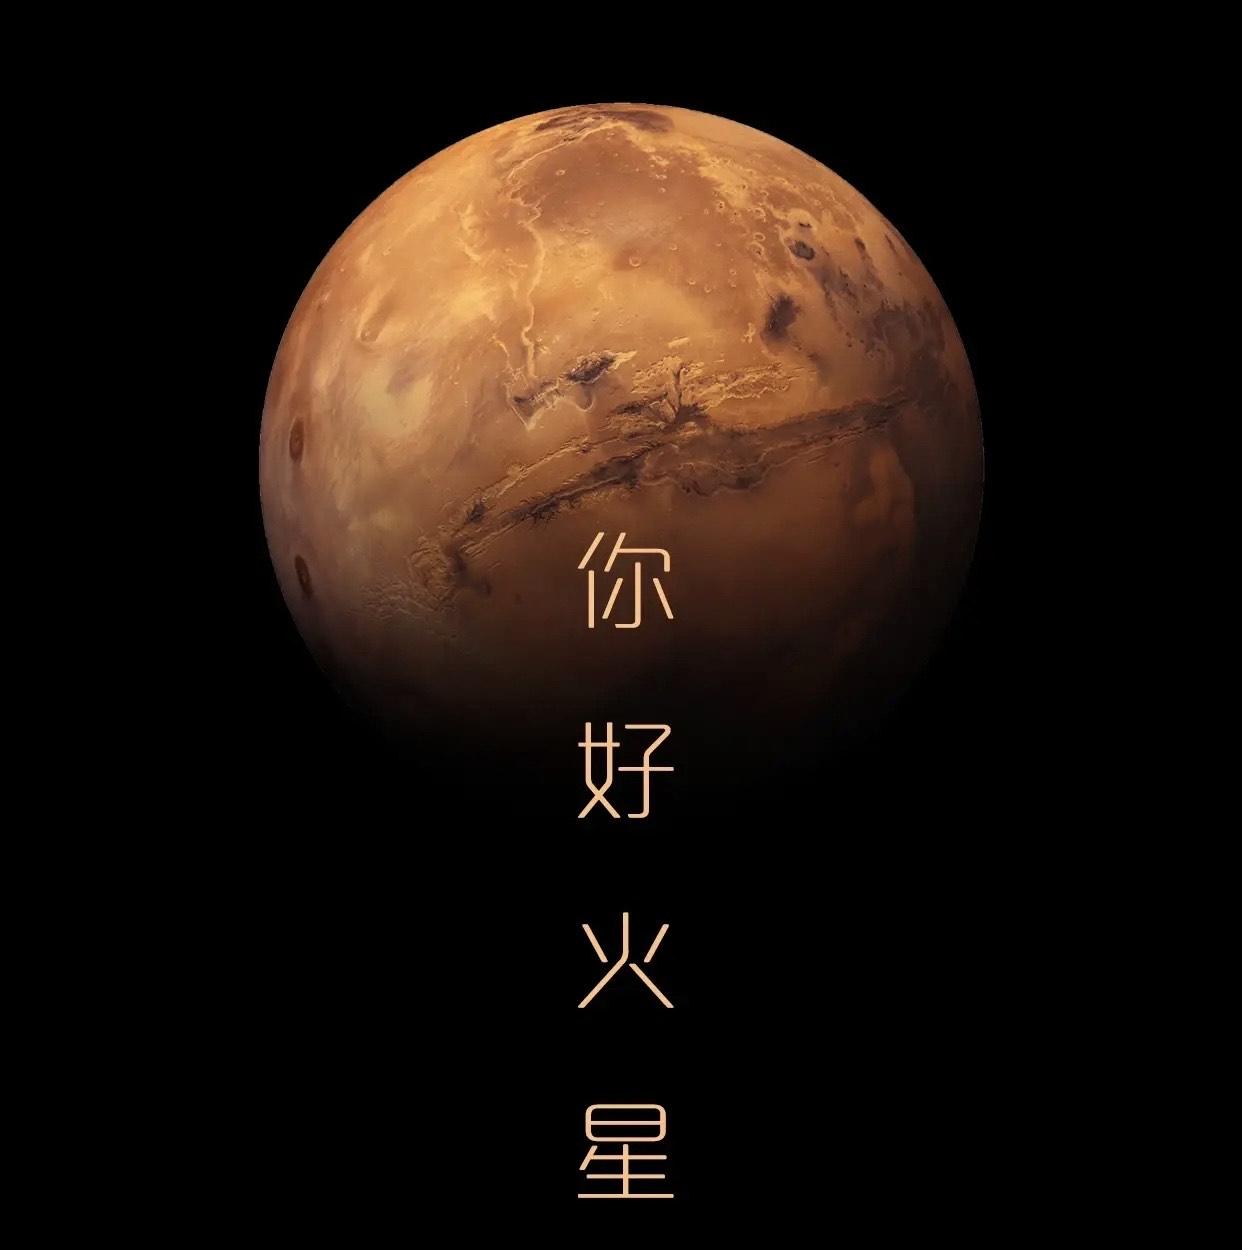 恭喜!中国首颗火星探测器发射,关于天问一号我们要知道这些